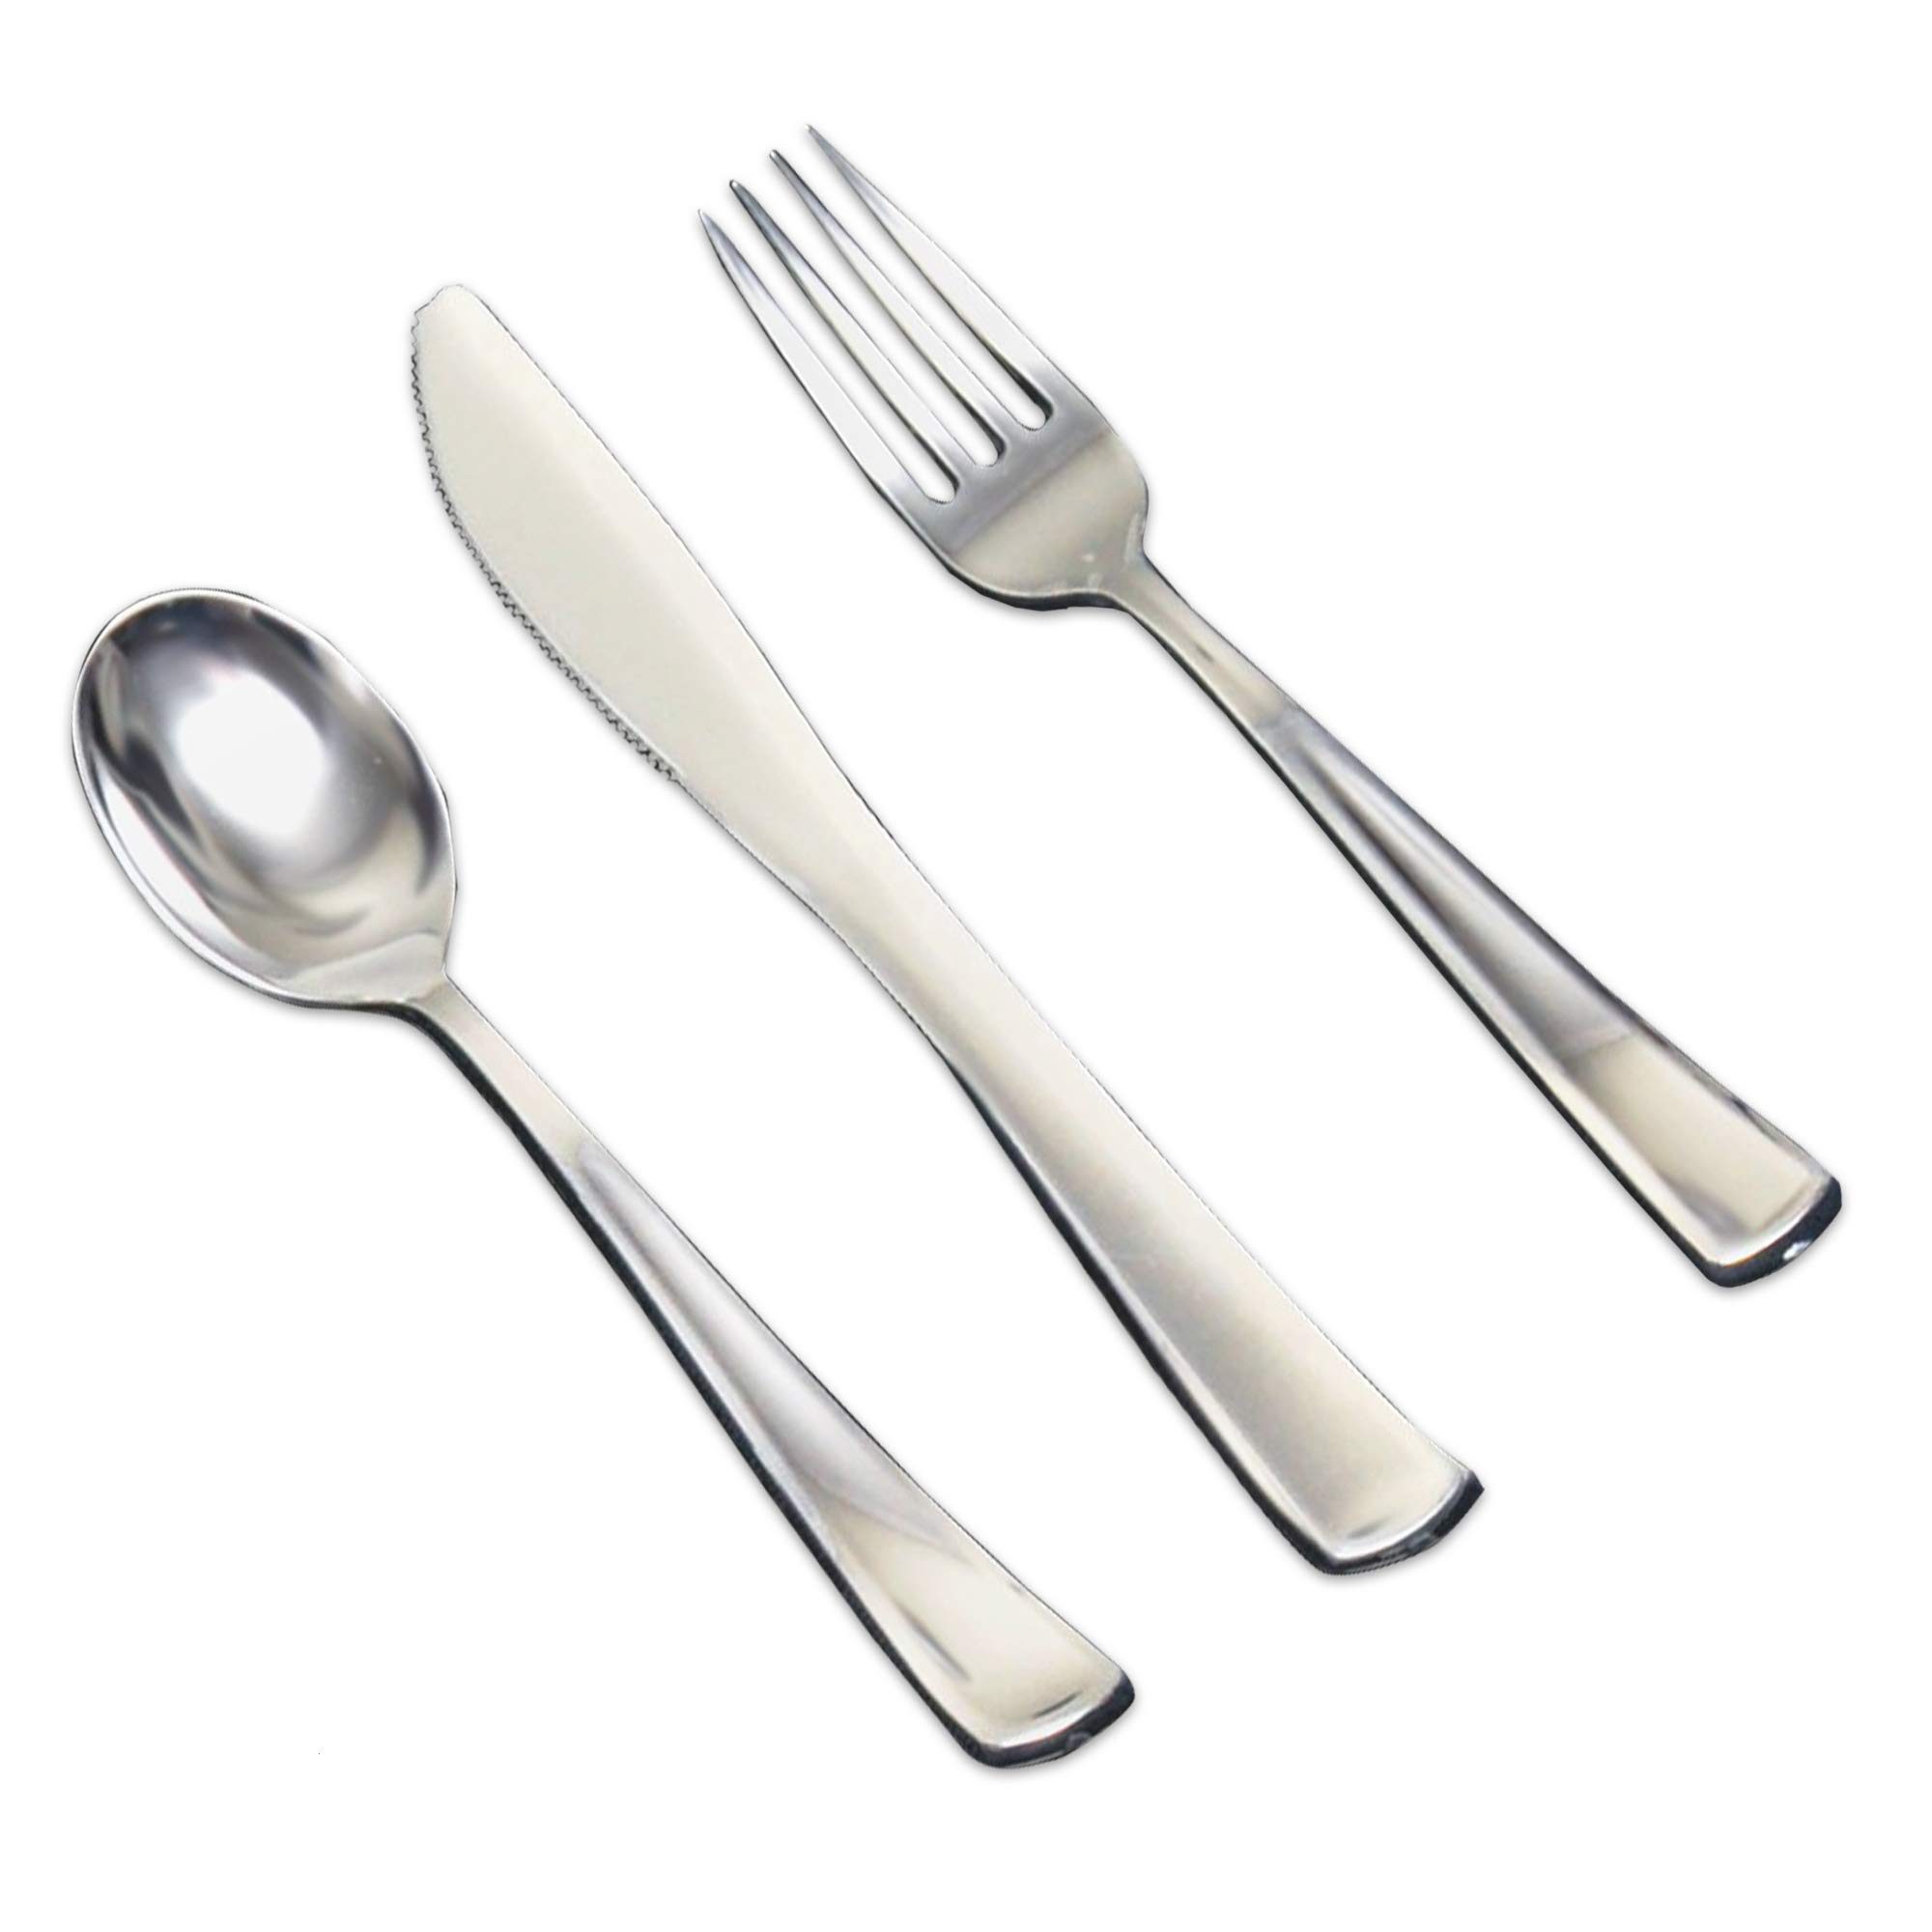 jaunty partyware Juego de cubiertos desechables de plástico metálico de cuchillos, tenedores y cucharas Pack de 54 El plastico: Amazon.es: Hogar